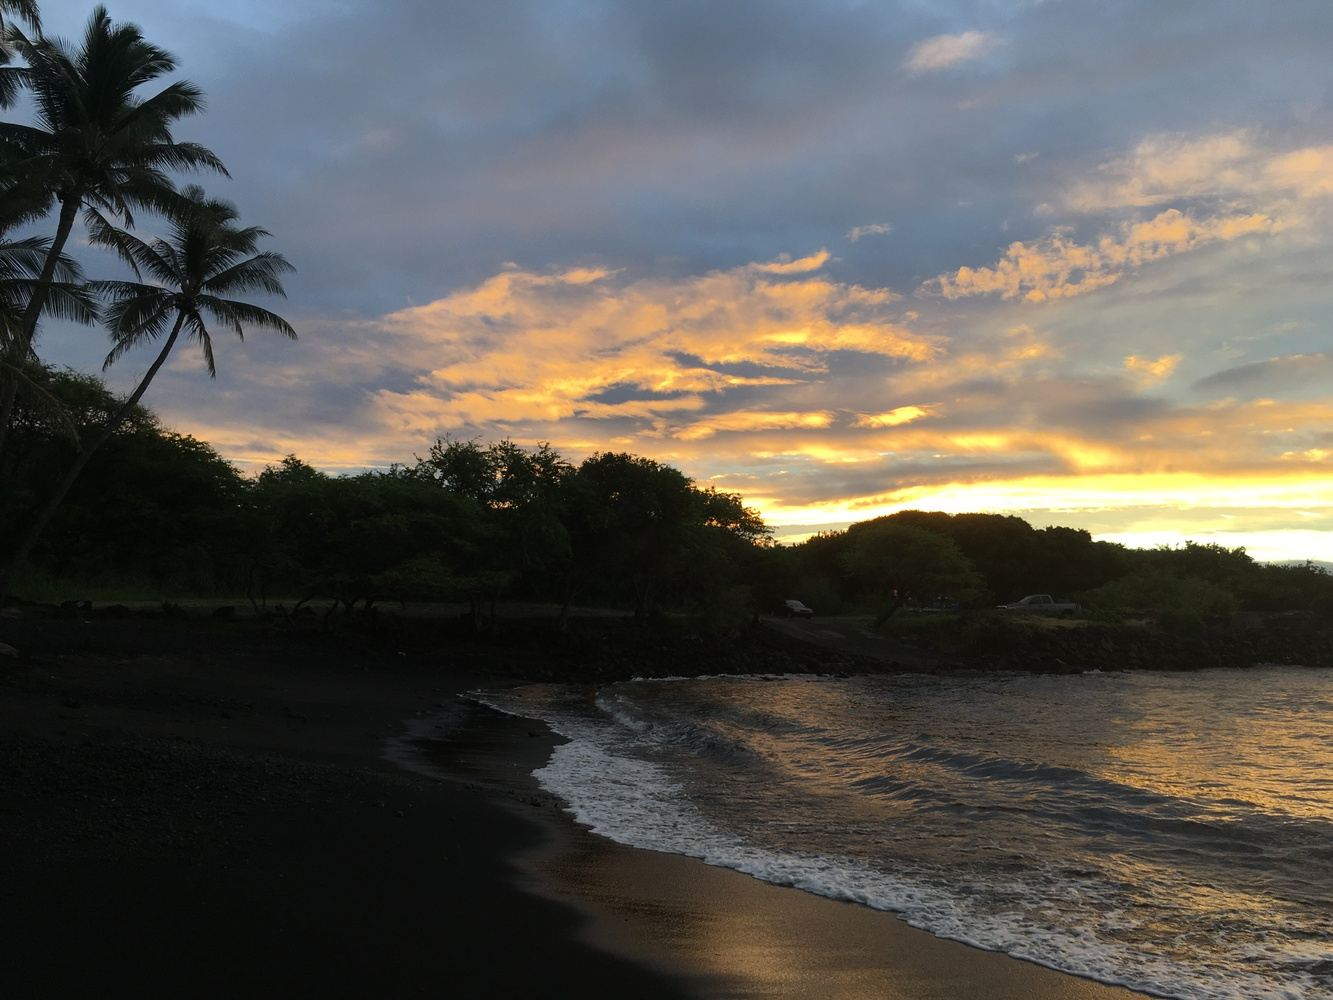 Big Island Hawaii: Adventure and Facing Fear